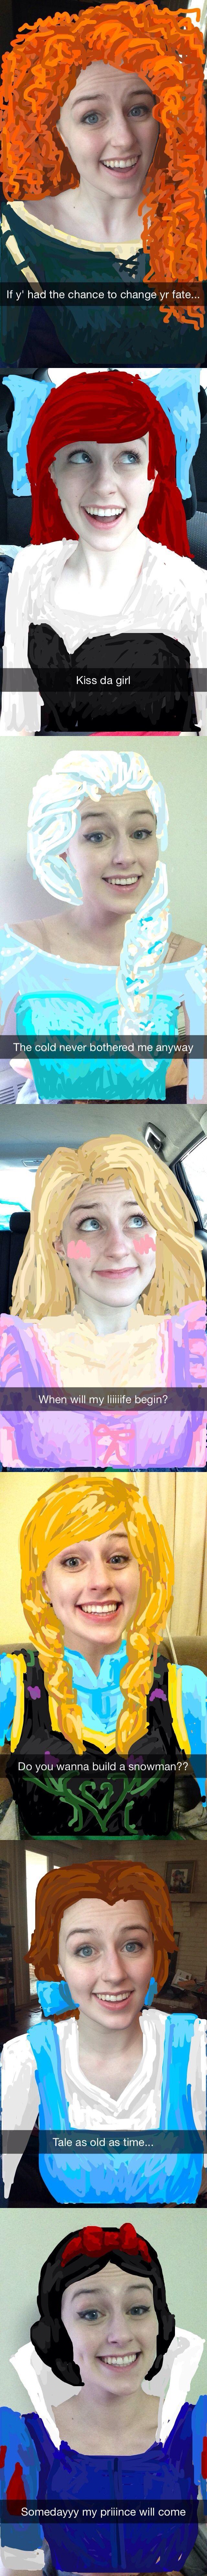 Snapchat disney princess funnies